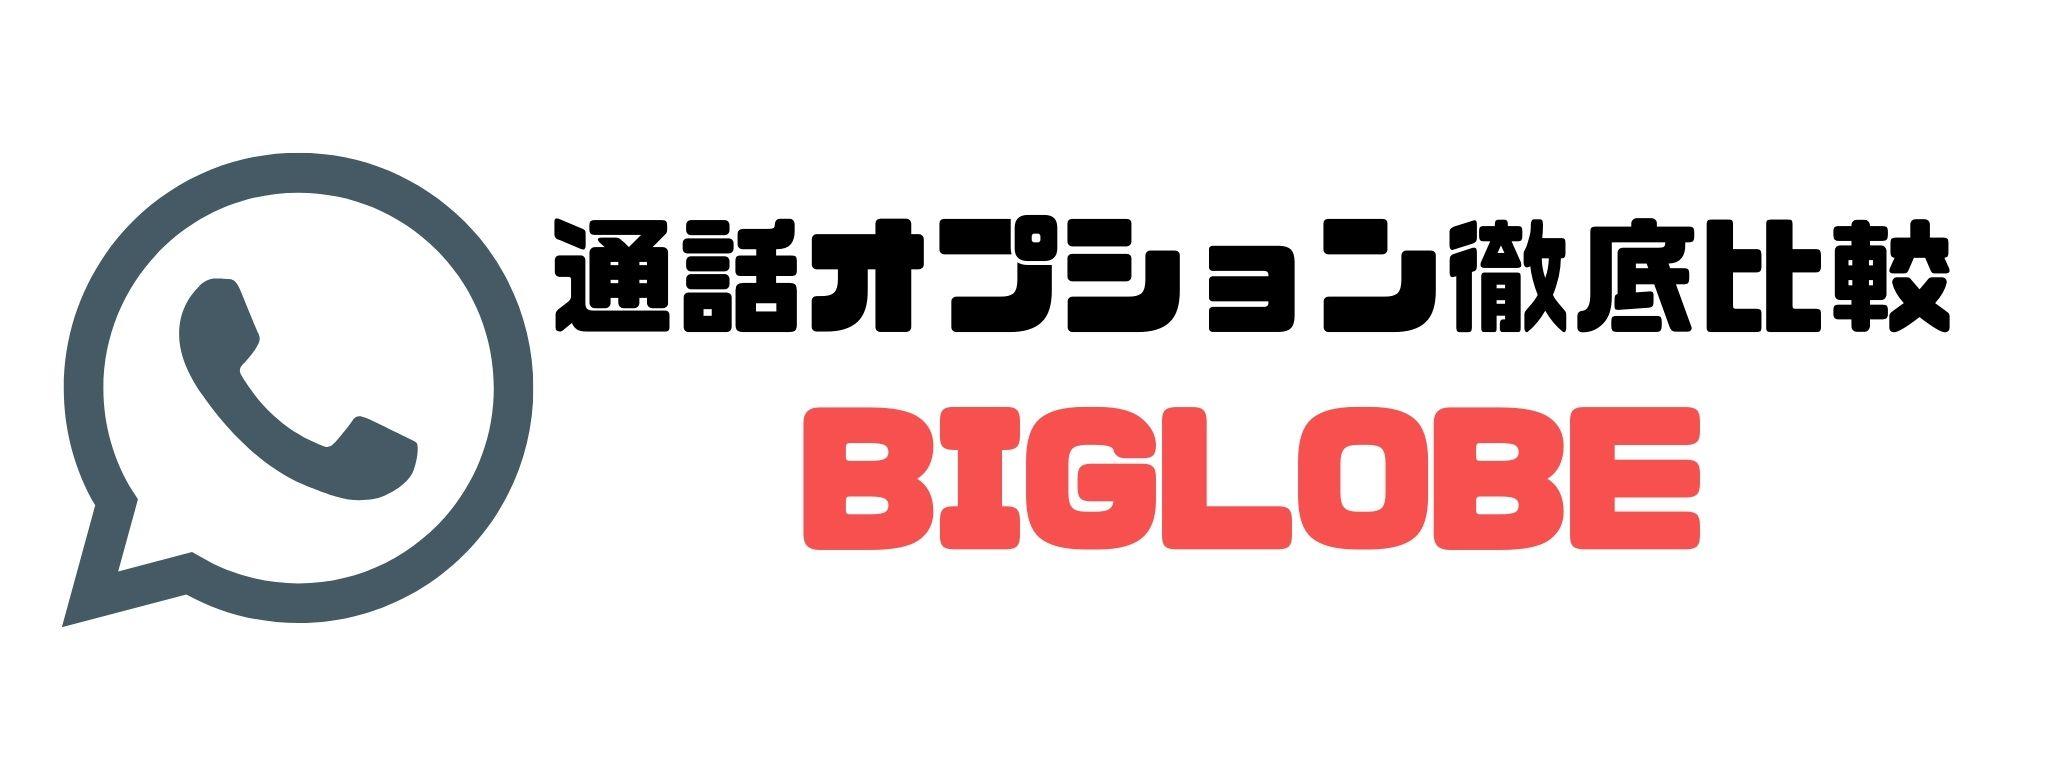 携帯料金_比較_BIGLOBEの通話オプション